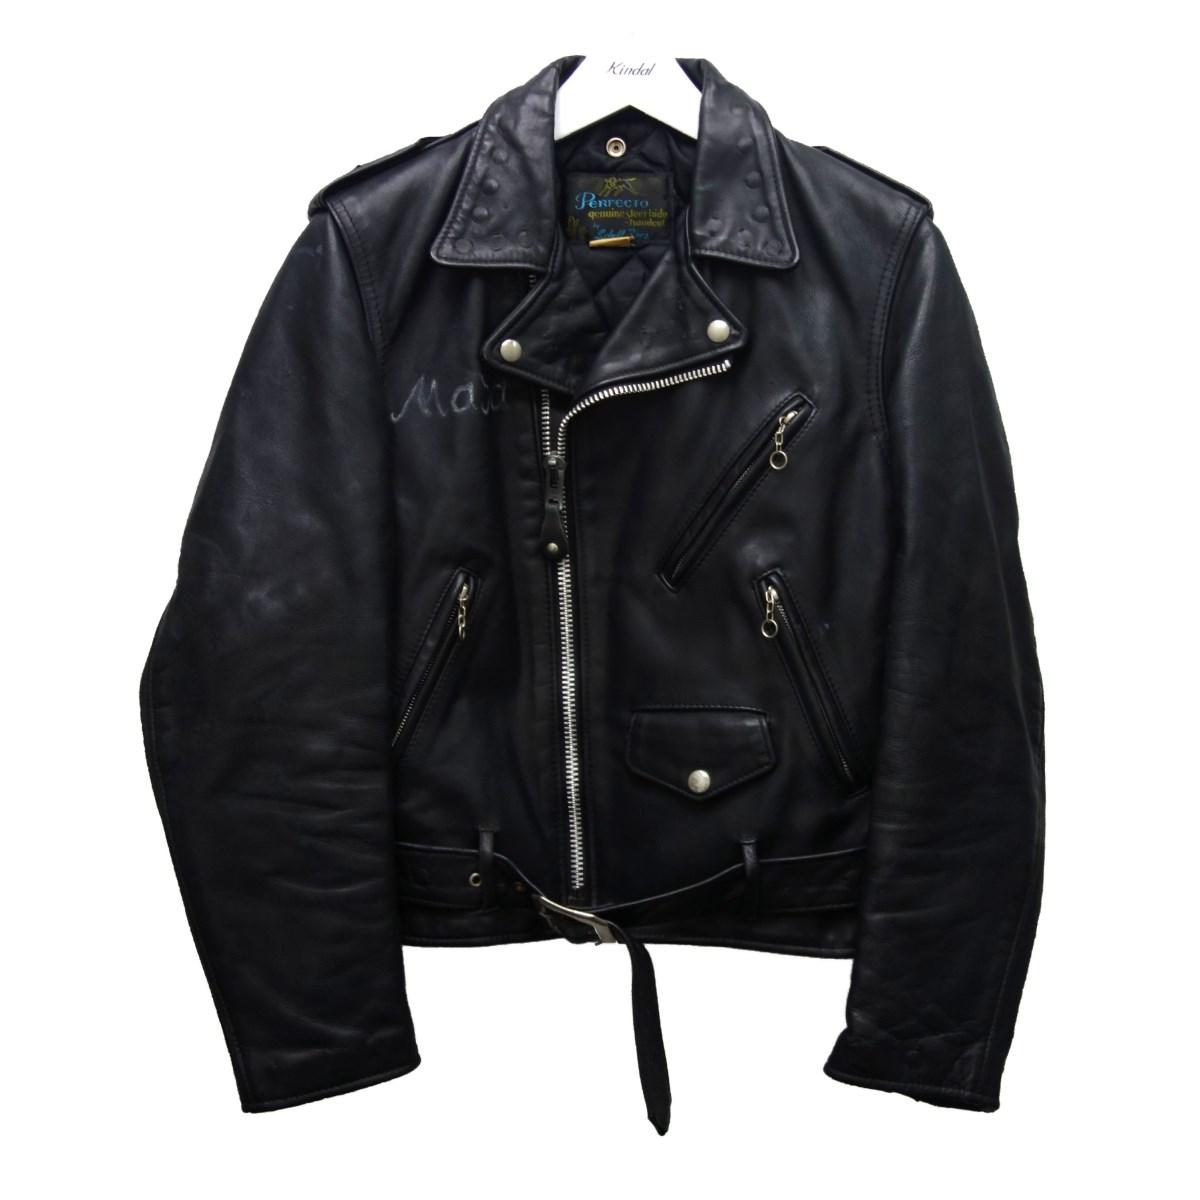 【中古】SCHOTT 「613XX」 ワンスターダブルライダースジャケット ブラック サイズ:36 【290820】(ショット)